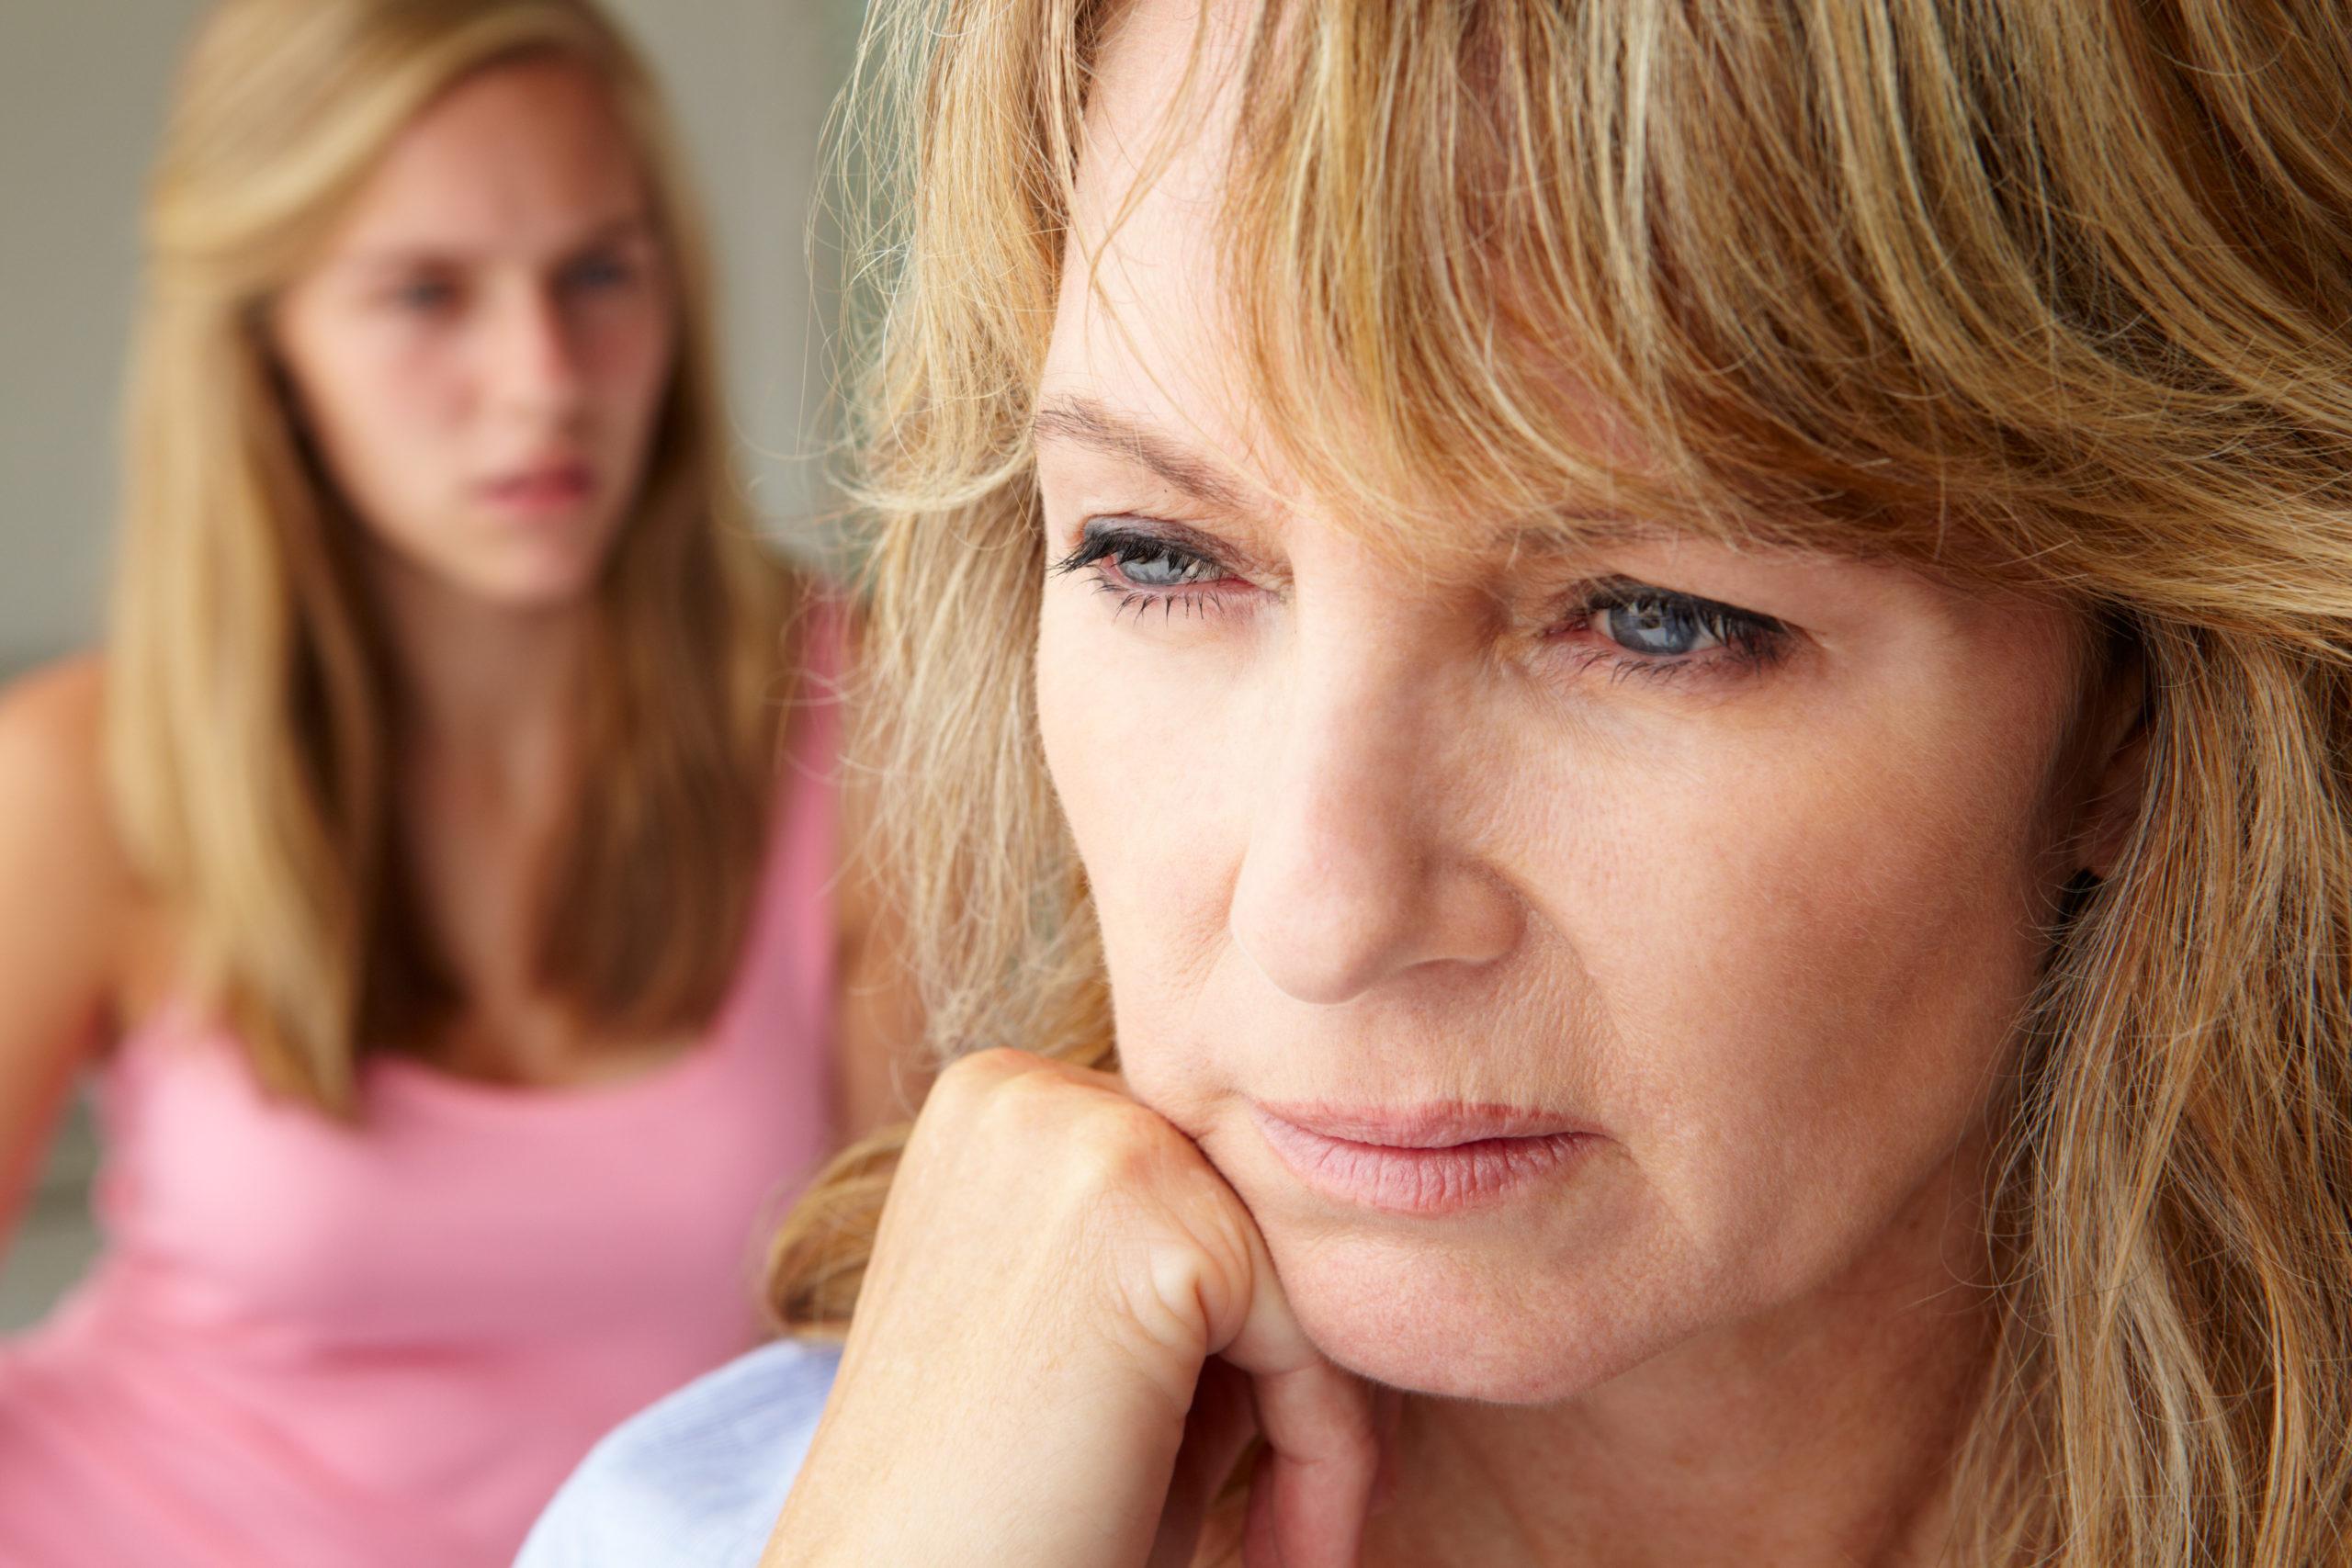 「母が重い」そう感じるあなたは共依存関係に注意!母親から解放されて幸せに生きるには。